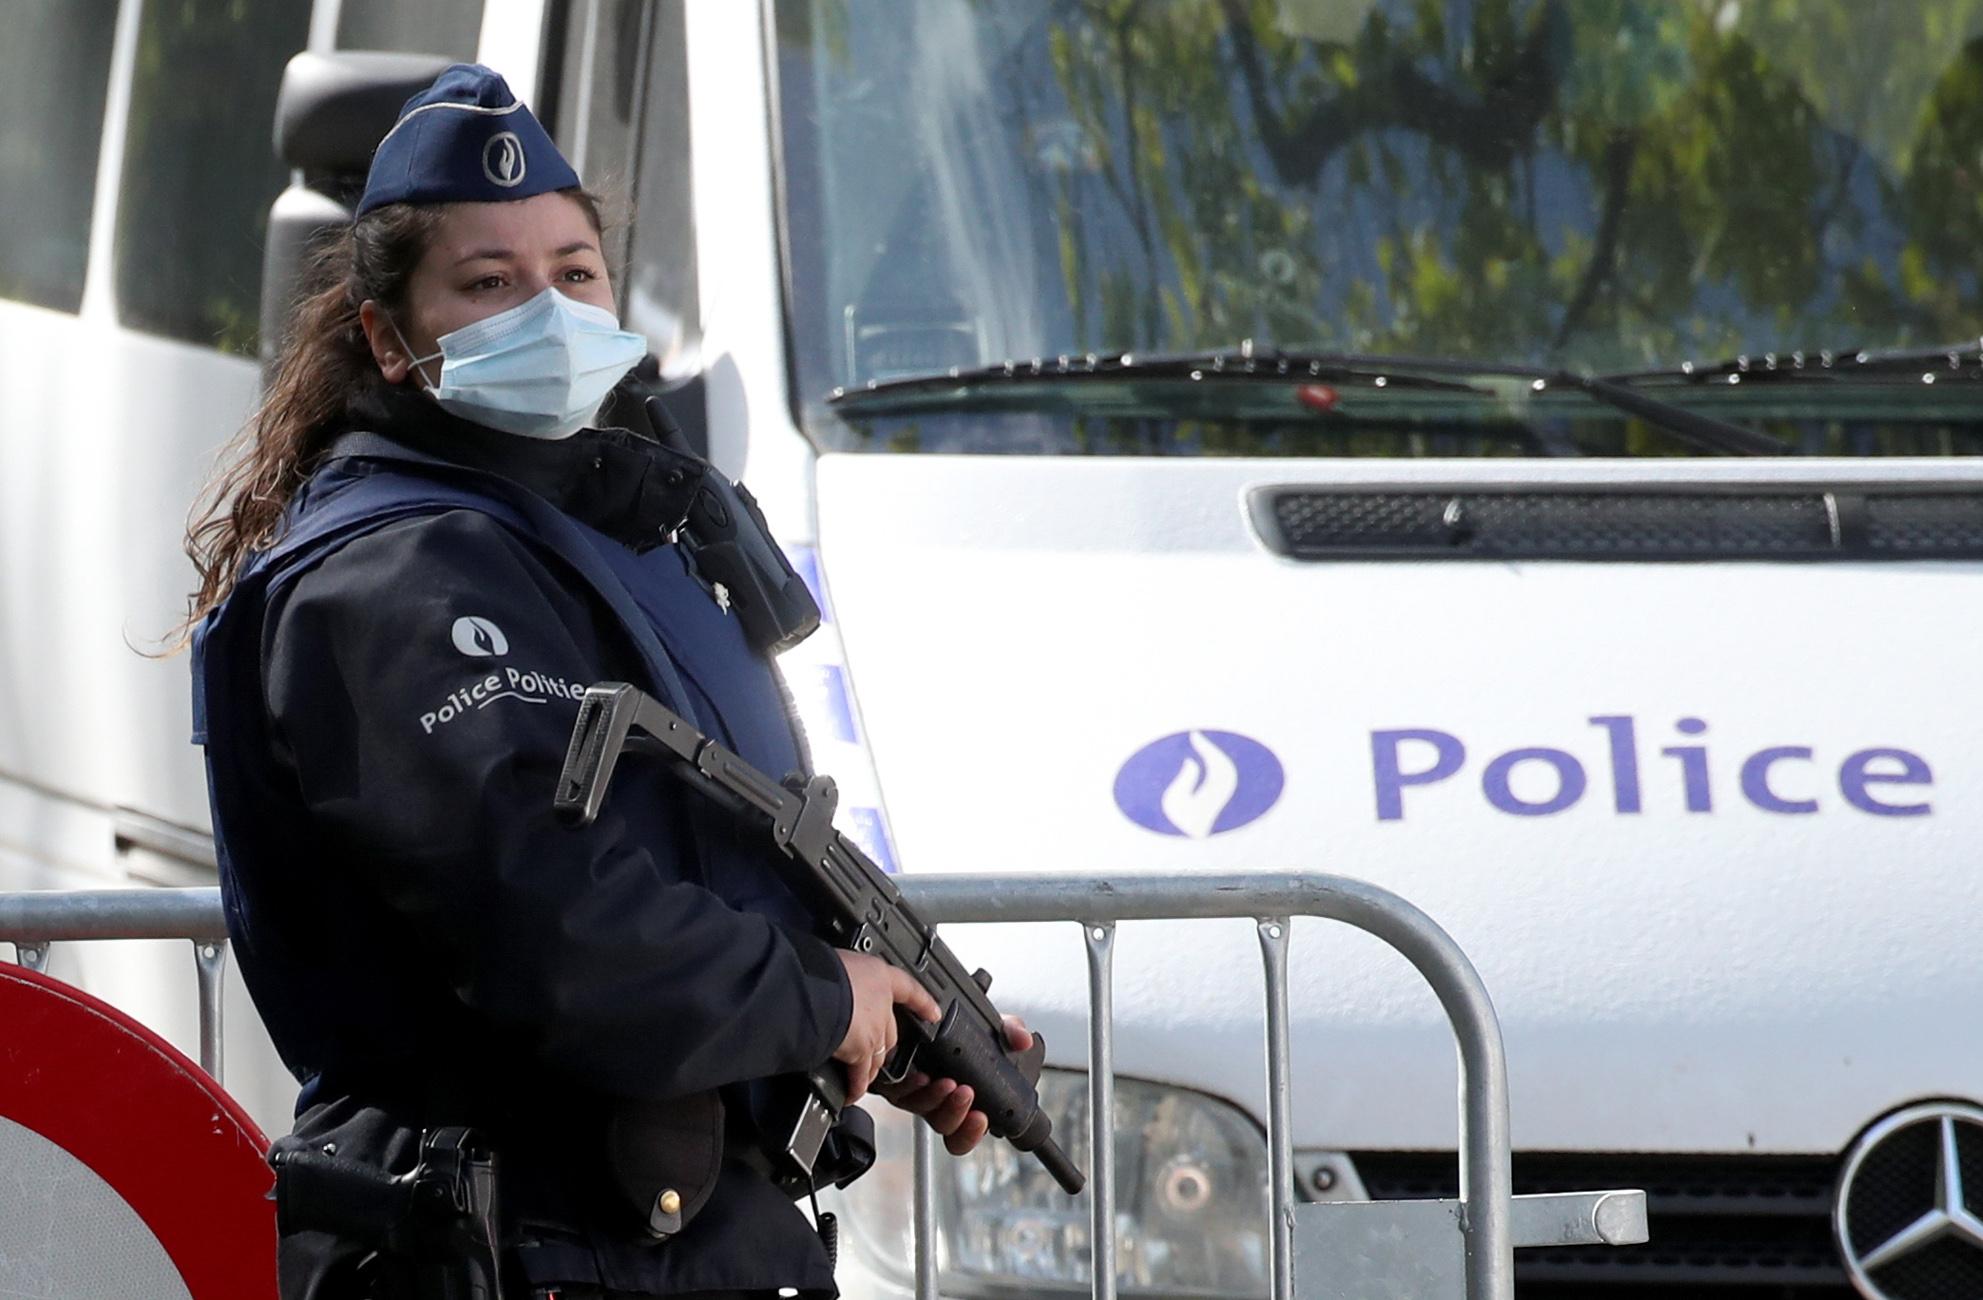 Βέλγιο: Συνελήφθησαν 5 νεαροί για τον βιασμό μιας 14χρονης που αυτοκτόνησε